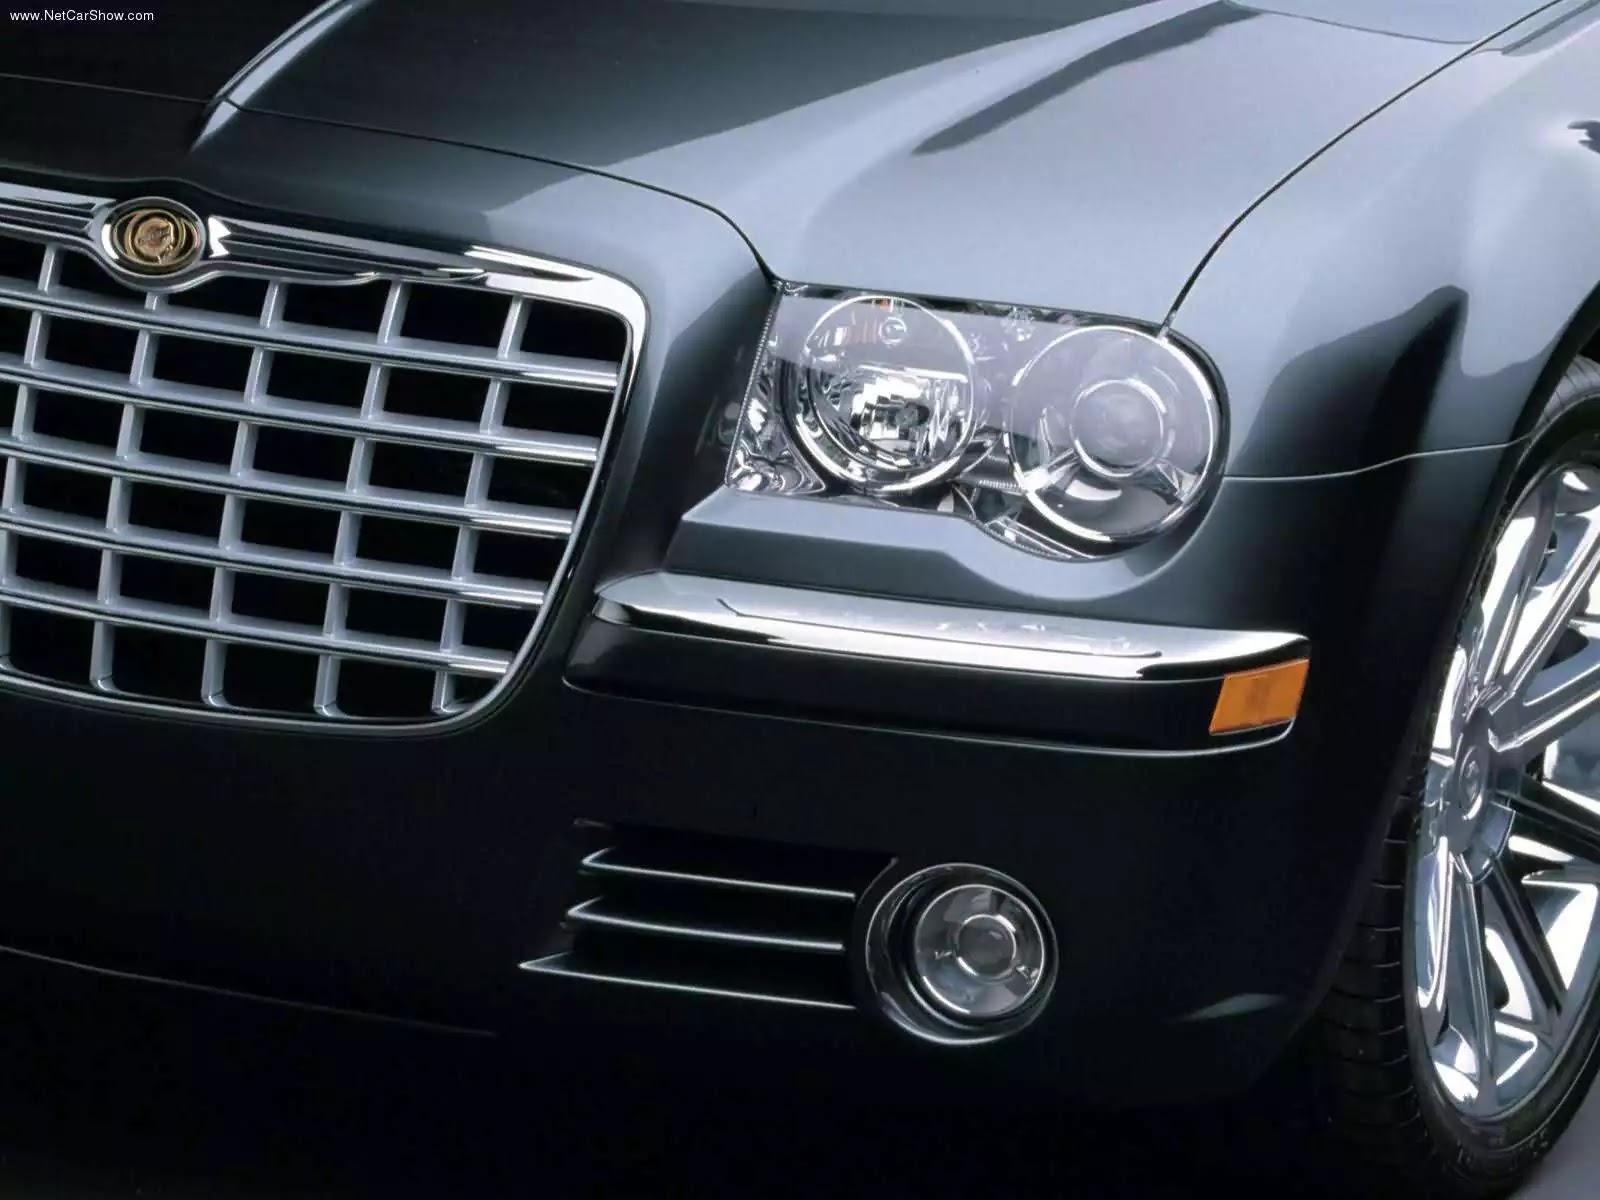 Hình ảnh xe ô tô Chrysler 300 2005 & nội ngoại thất